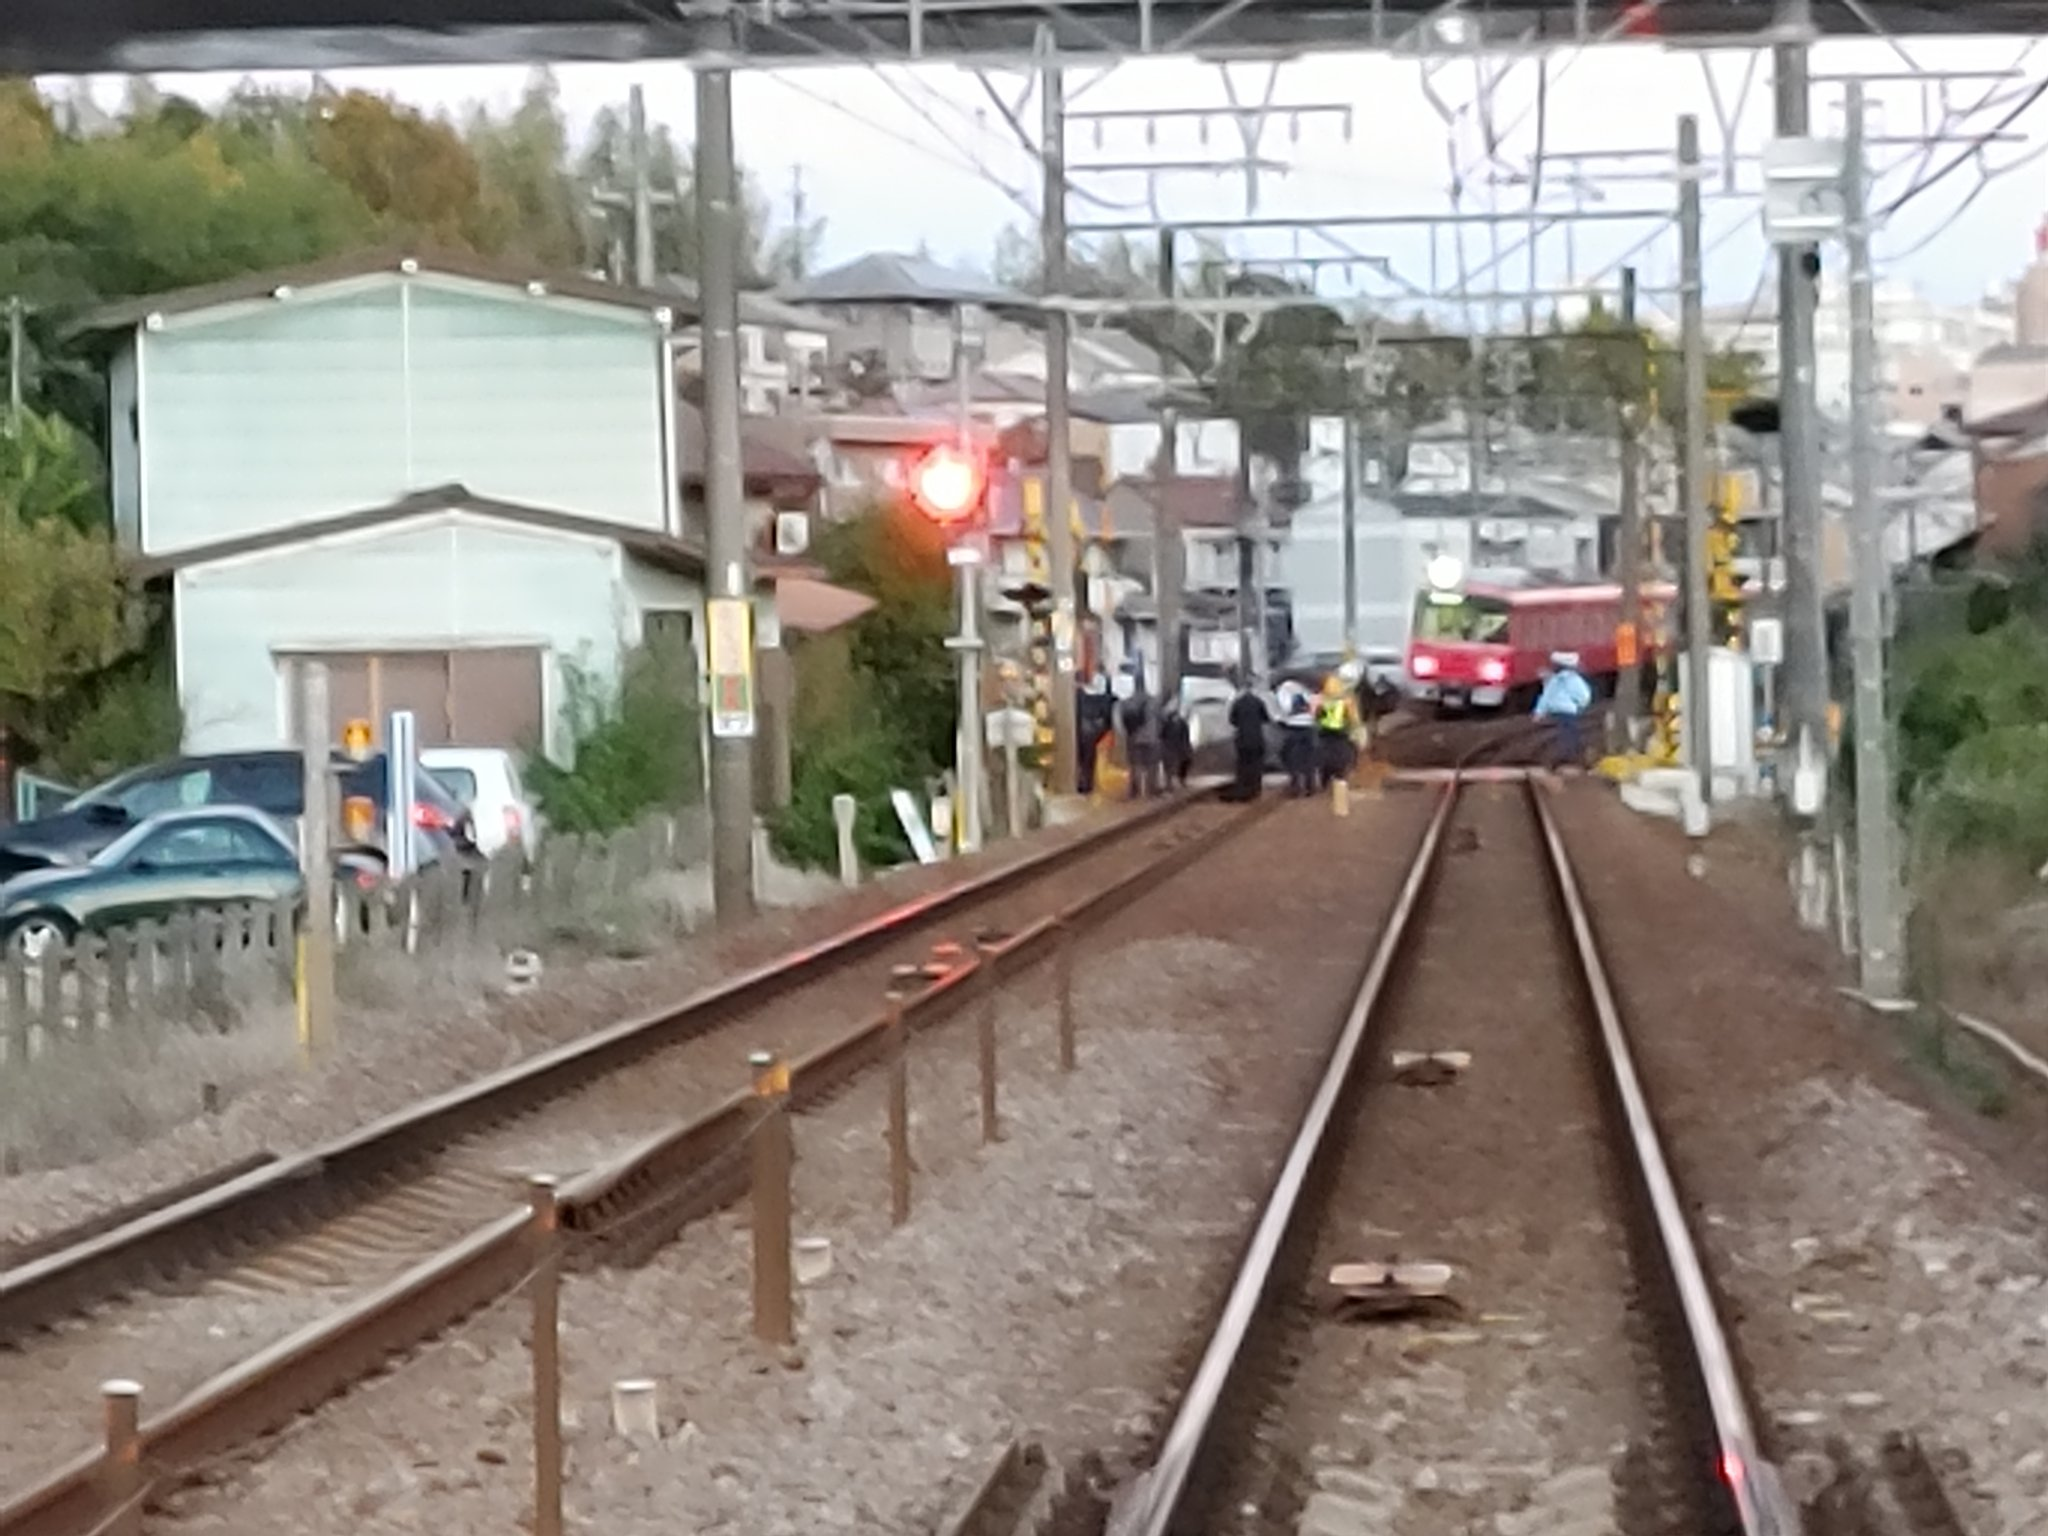 名鉄名古屋本線の踏切で人身事故が起きた現場の画像